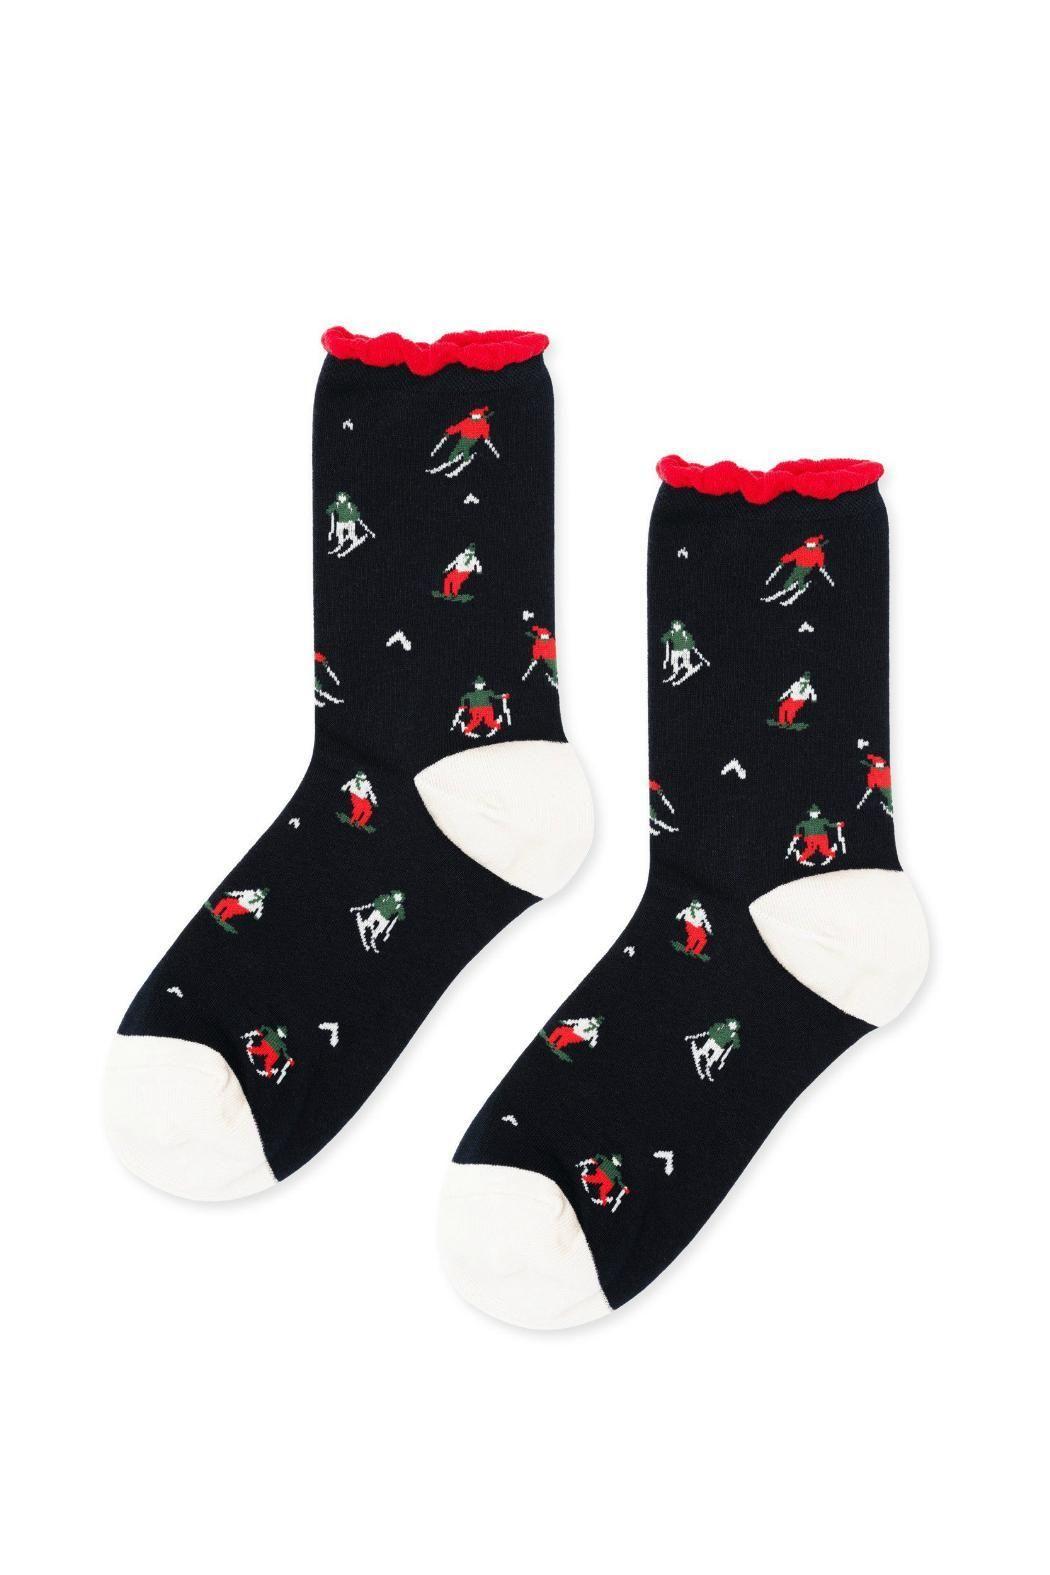 Ski Dazzle Crew Socks Socks, Socks women, Crew socks